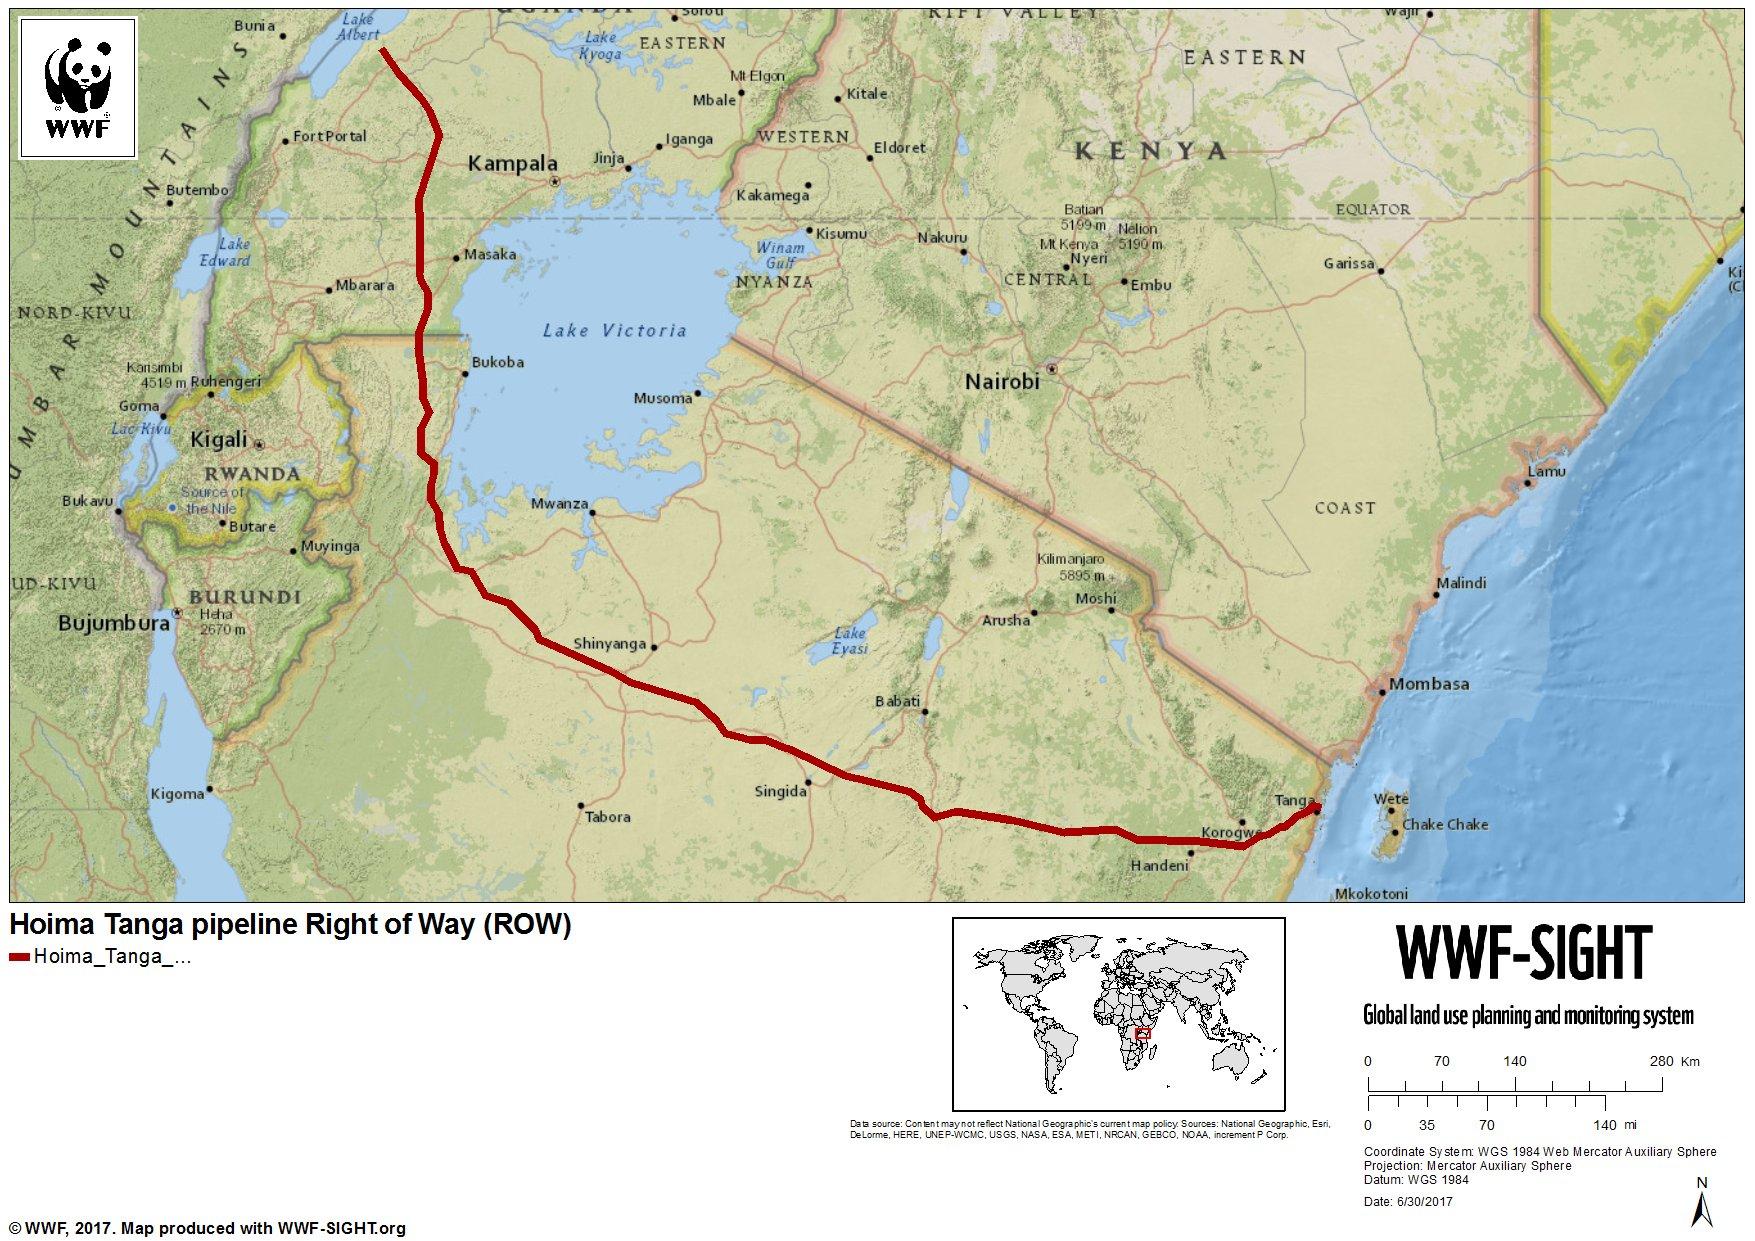 Hoima Tanga pipeline